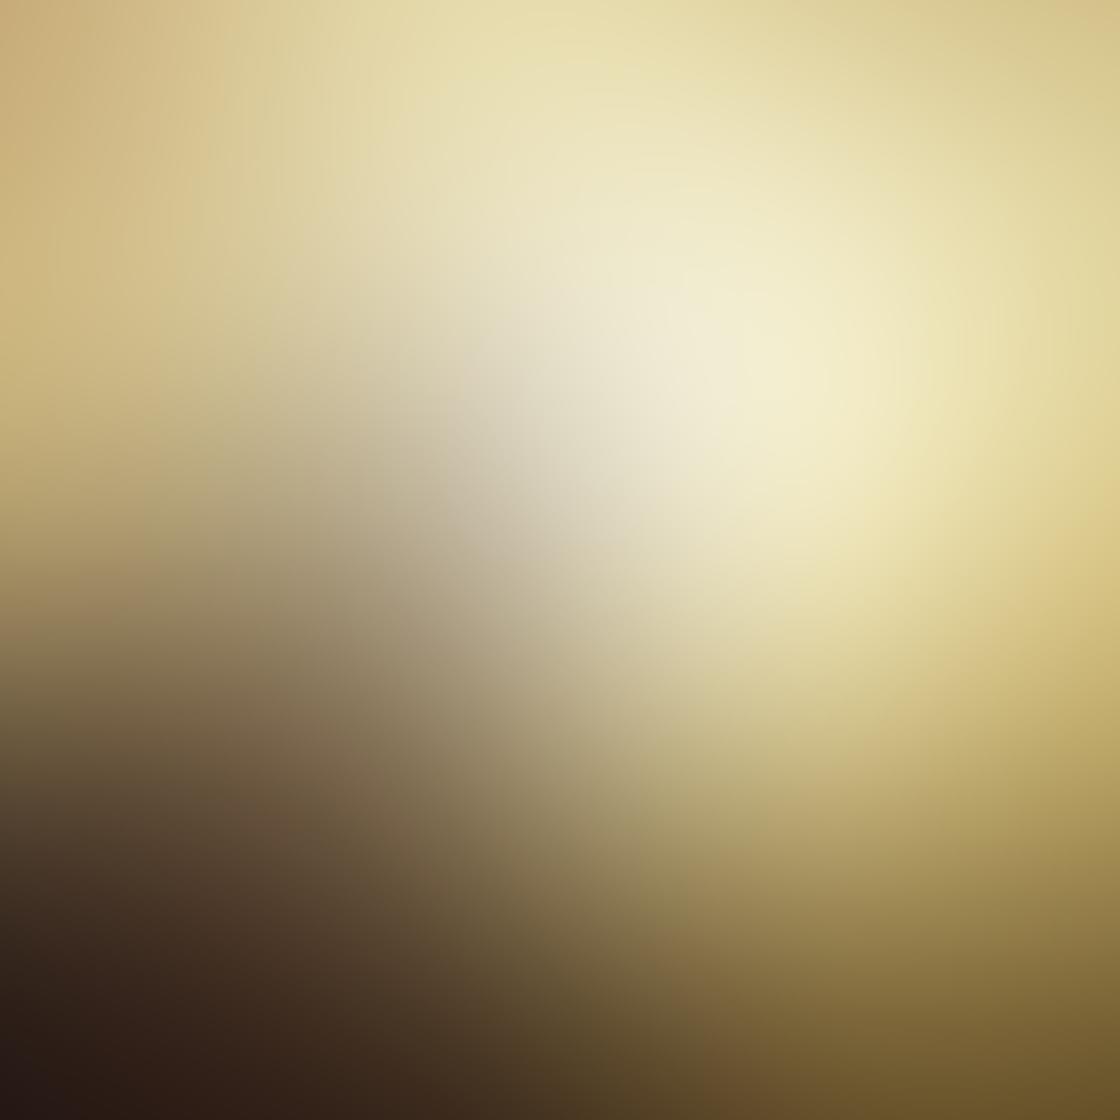 iPhone Photos Dramatic Light 16